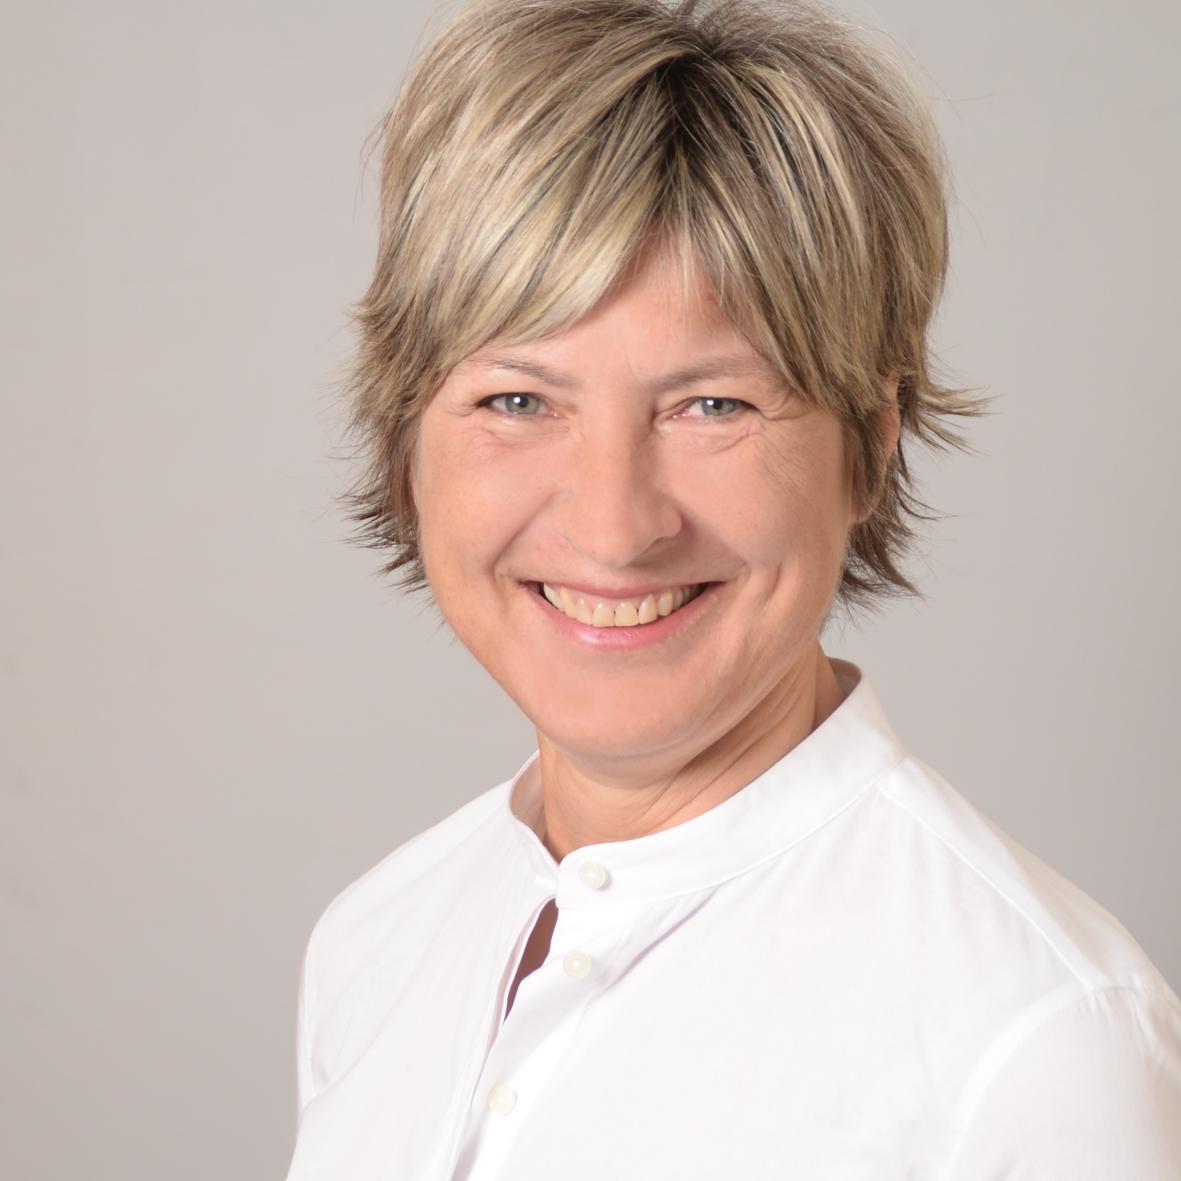 Angela Jakob